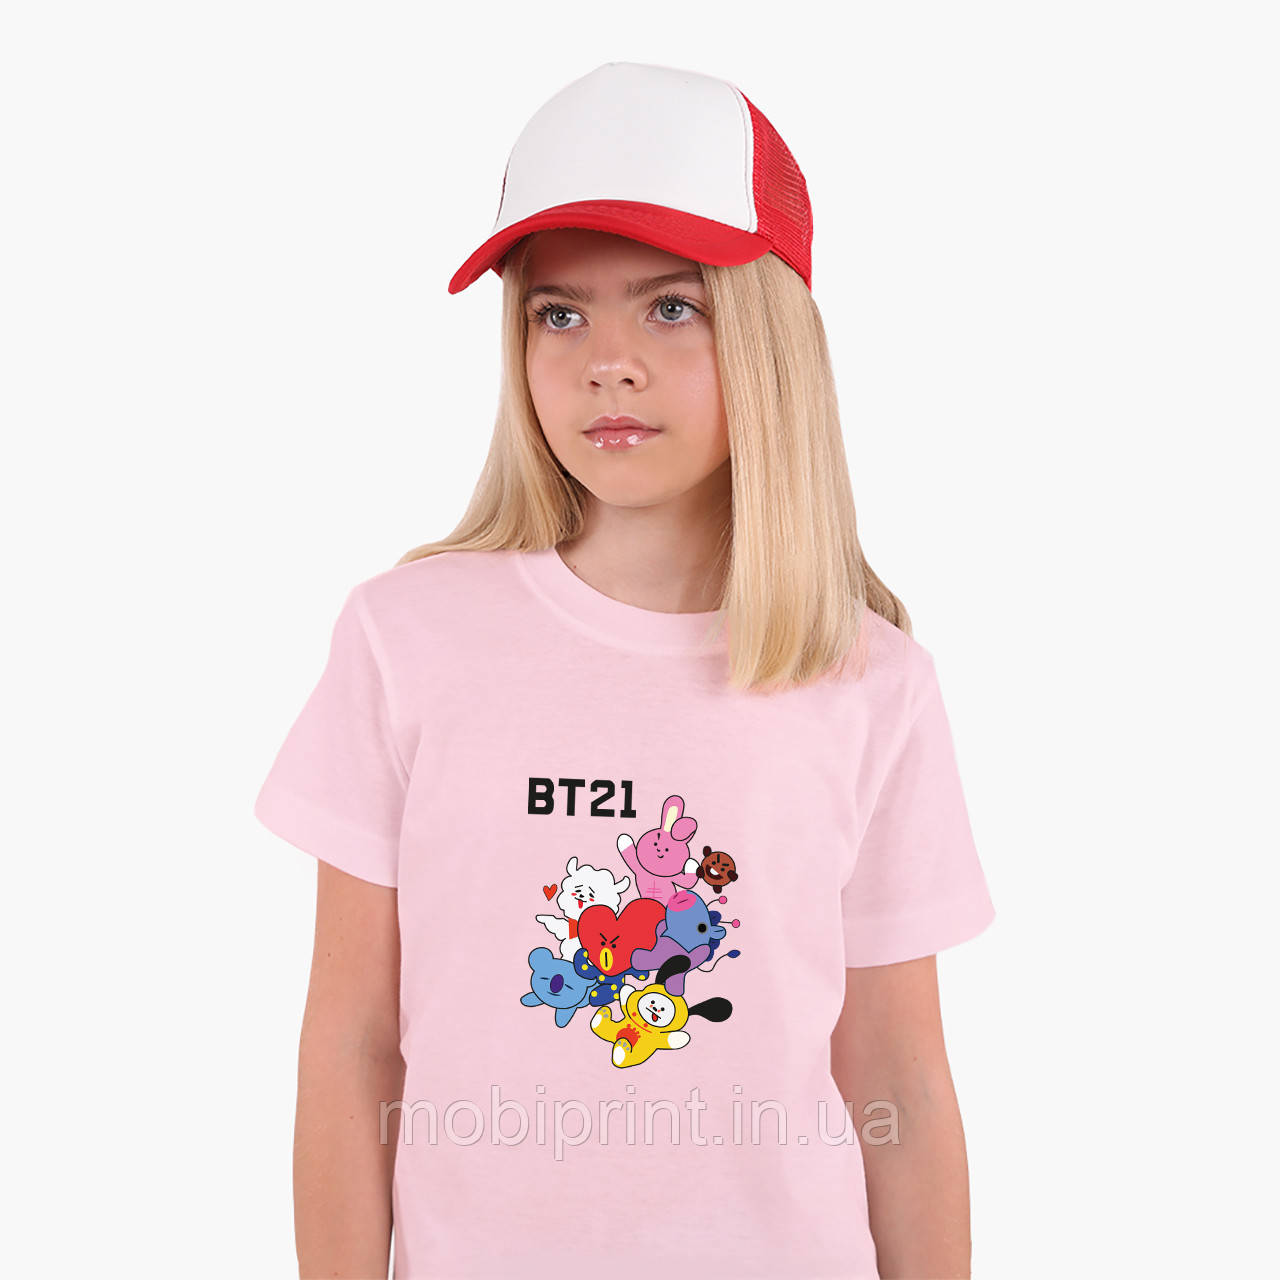 Детская футболка для девочек БТС (BTS) (25186-1166) Розовый